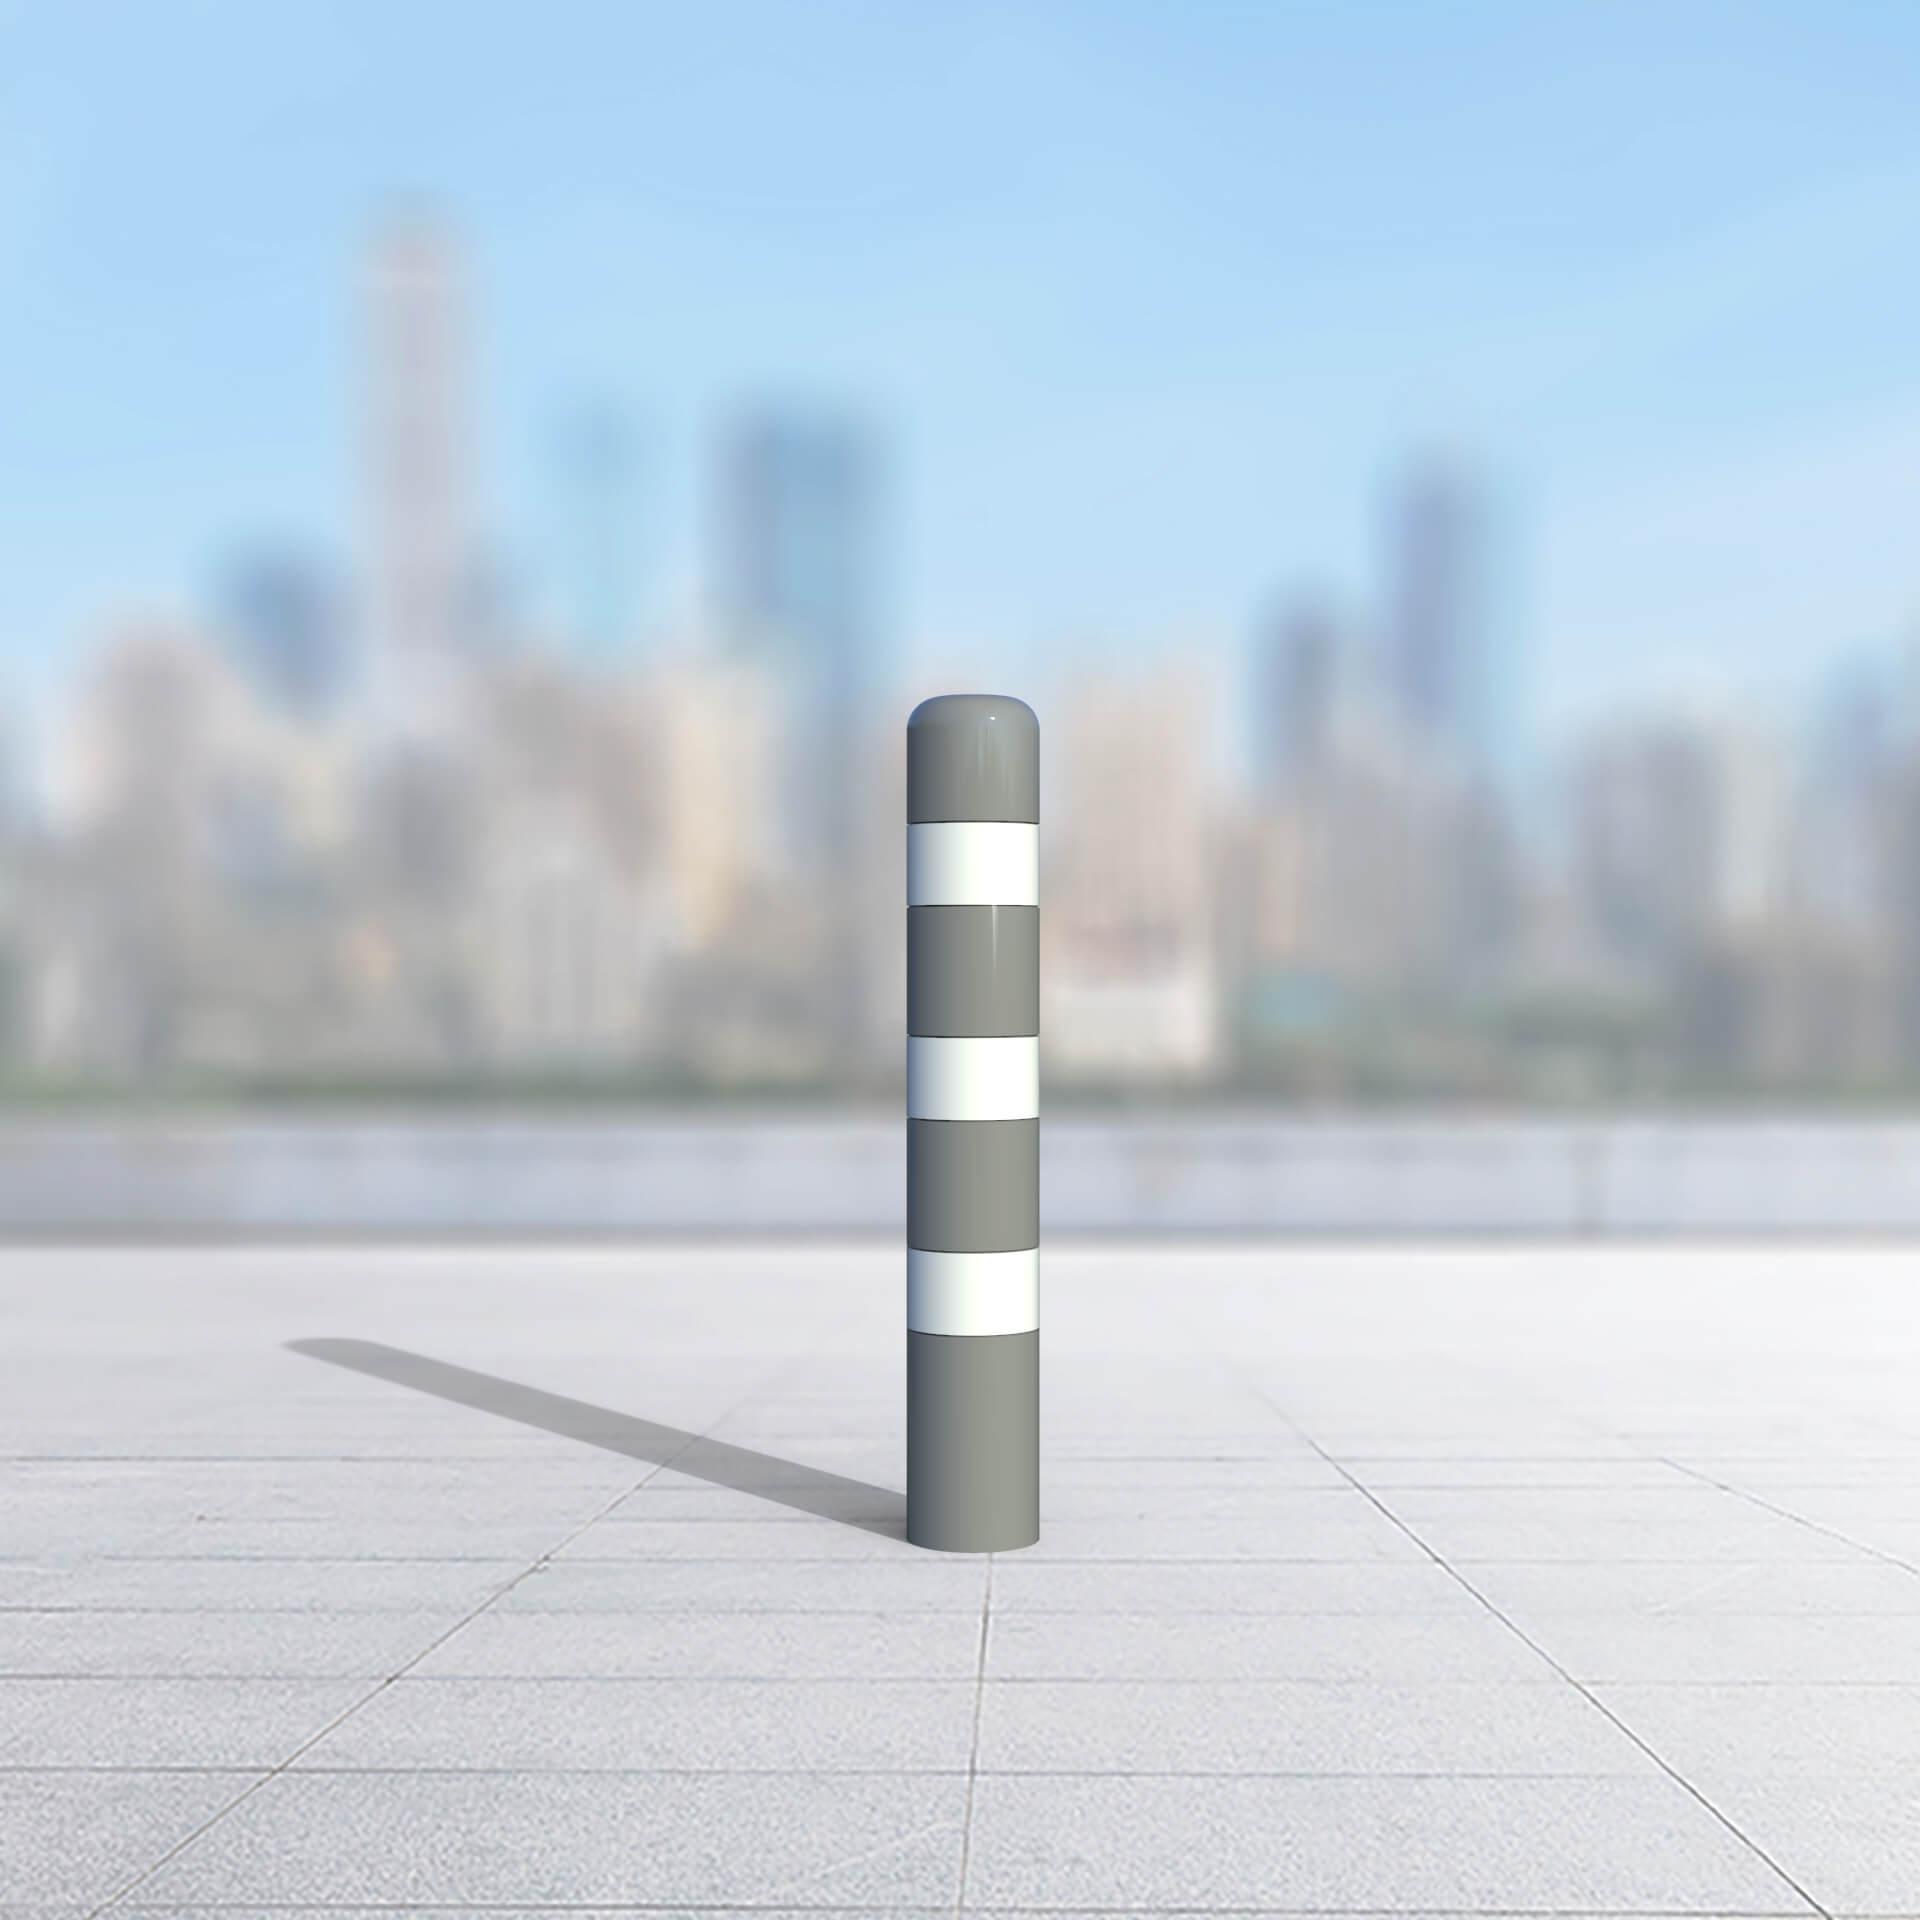 עמוד עיגון תחנת אוטובוס 6